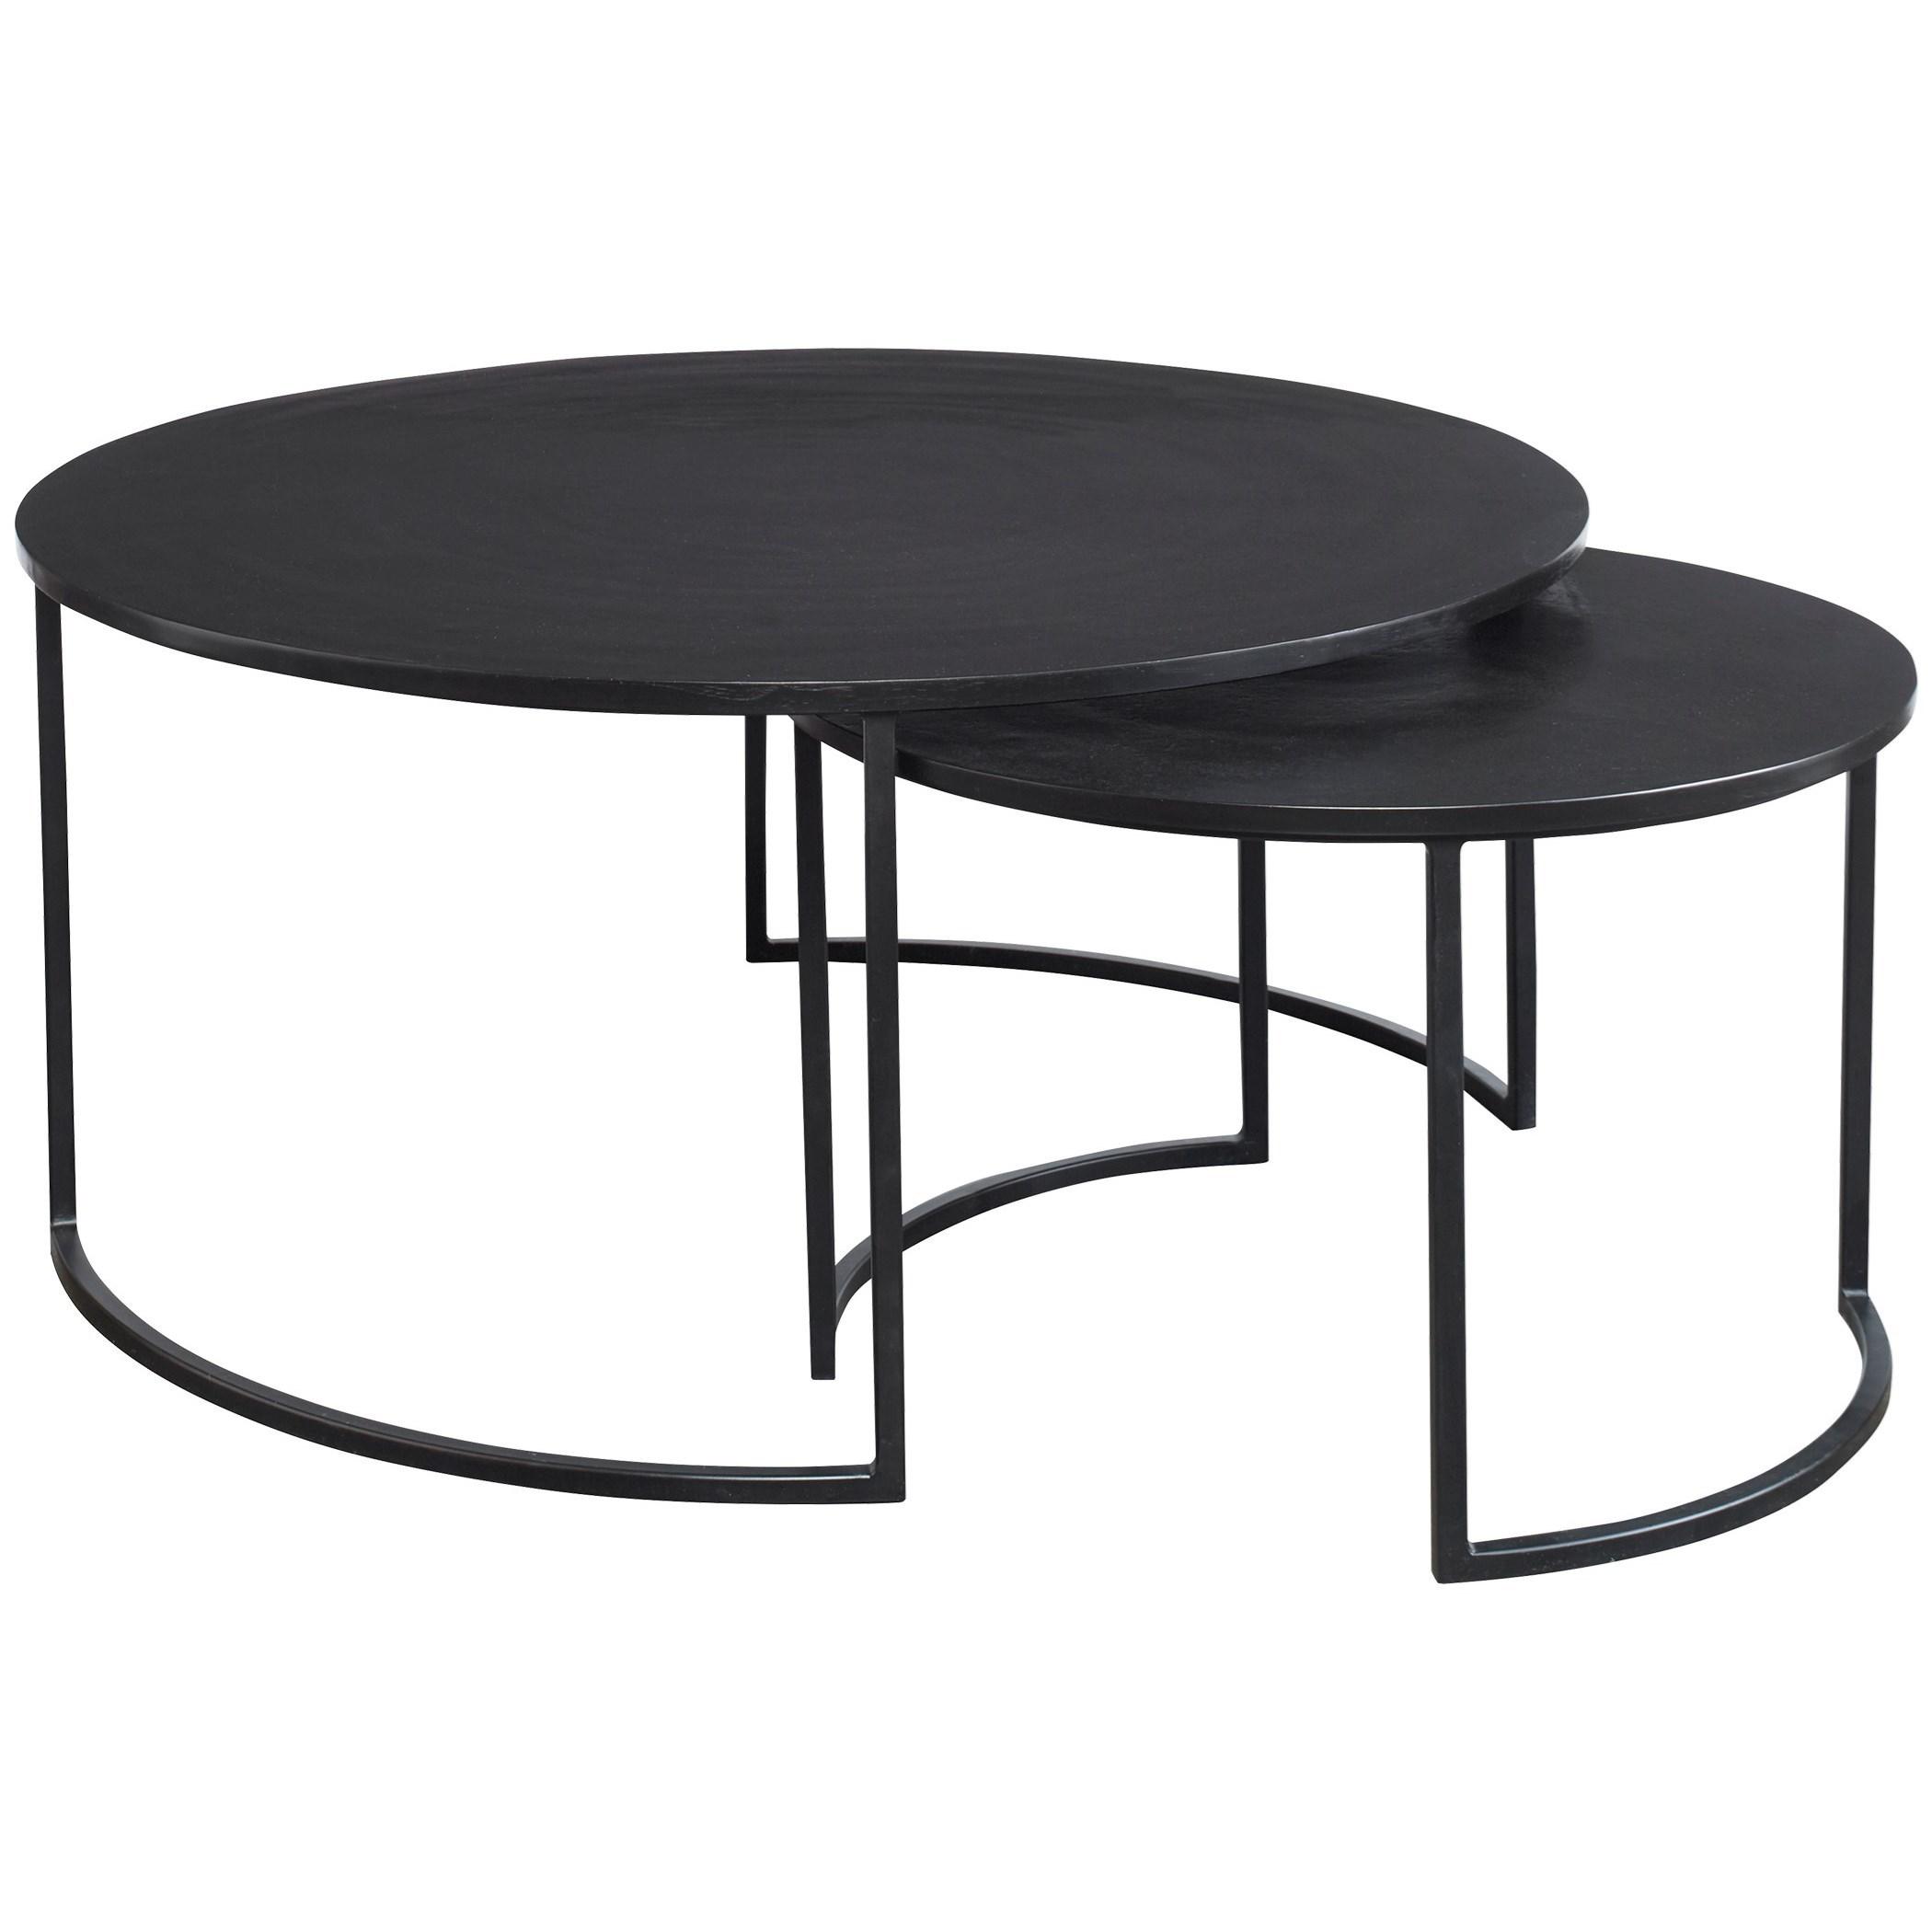 Barnette Modern Nesting Coffee Tables S/2